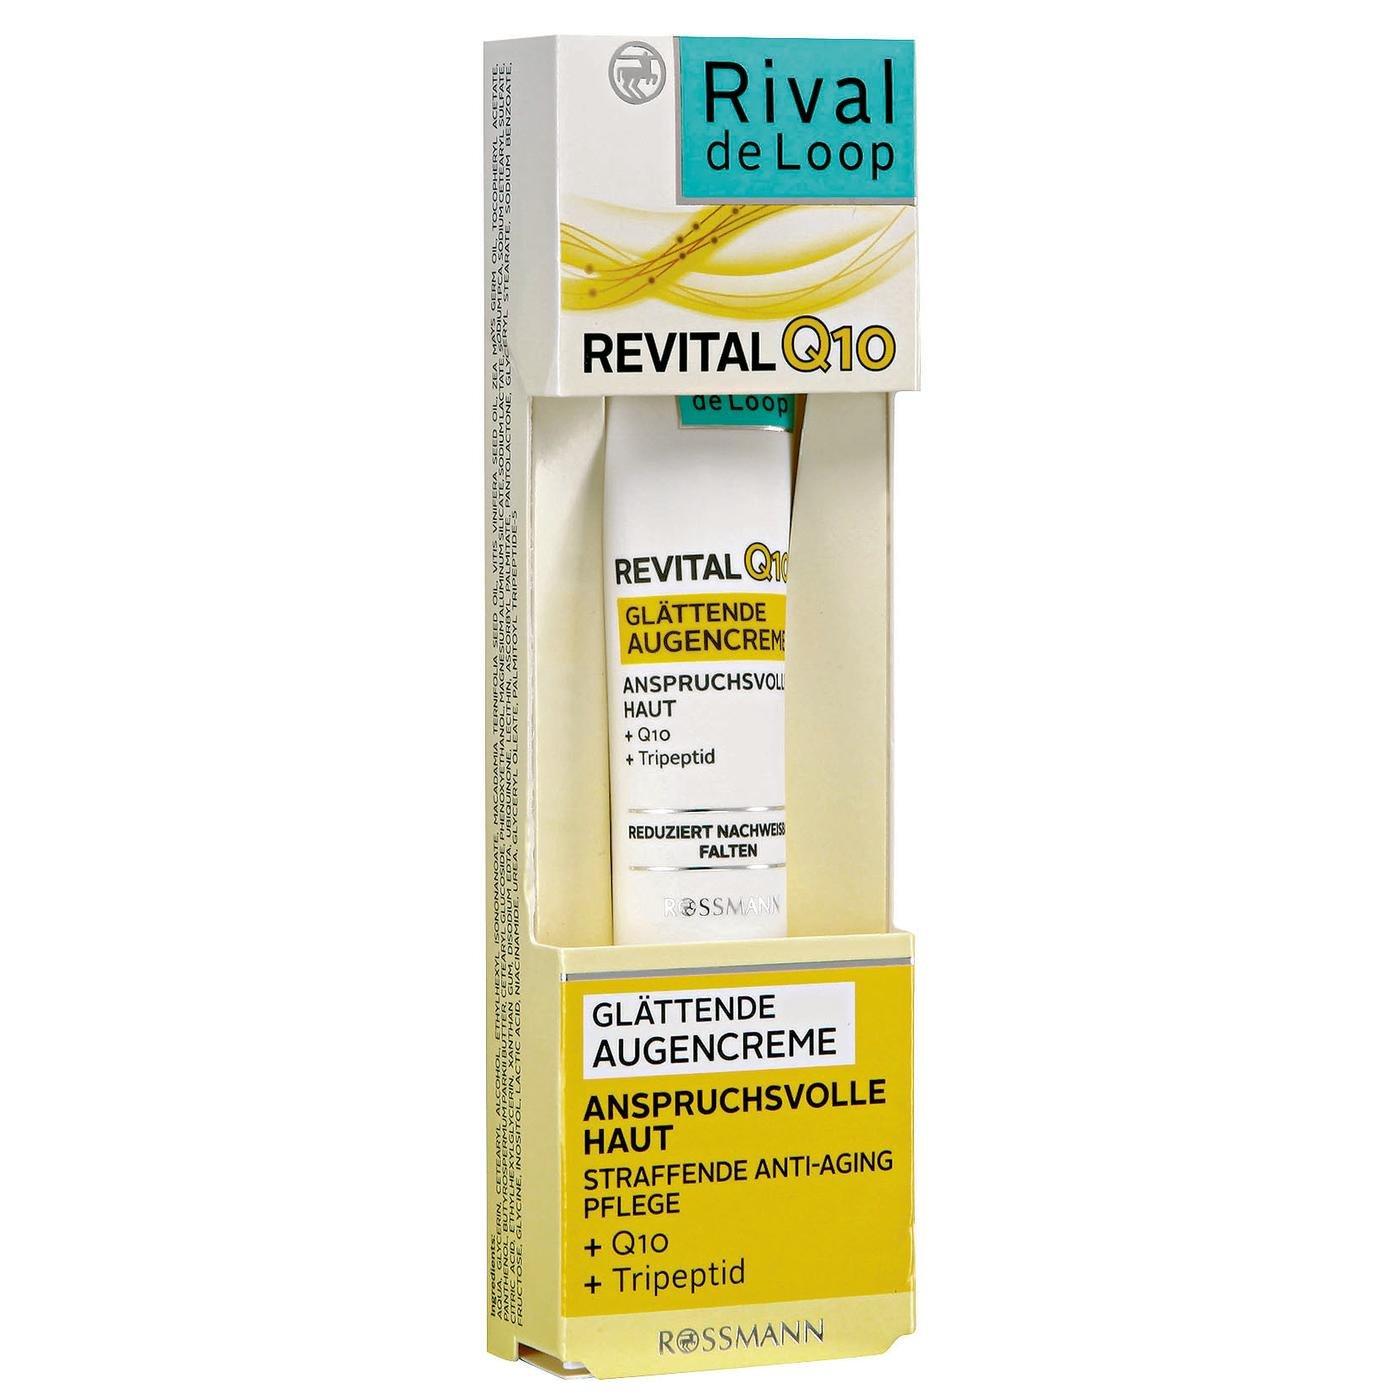 Rival de Loop revital Q10 glätt Extremo Ojo Crema 15 ml Piel para exigentes, straffende anti-edad cuidado, + Q10, + tripeptid, Vegano): Amazon.es: Salud y ...